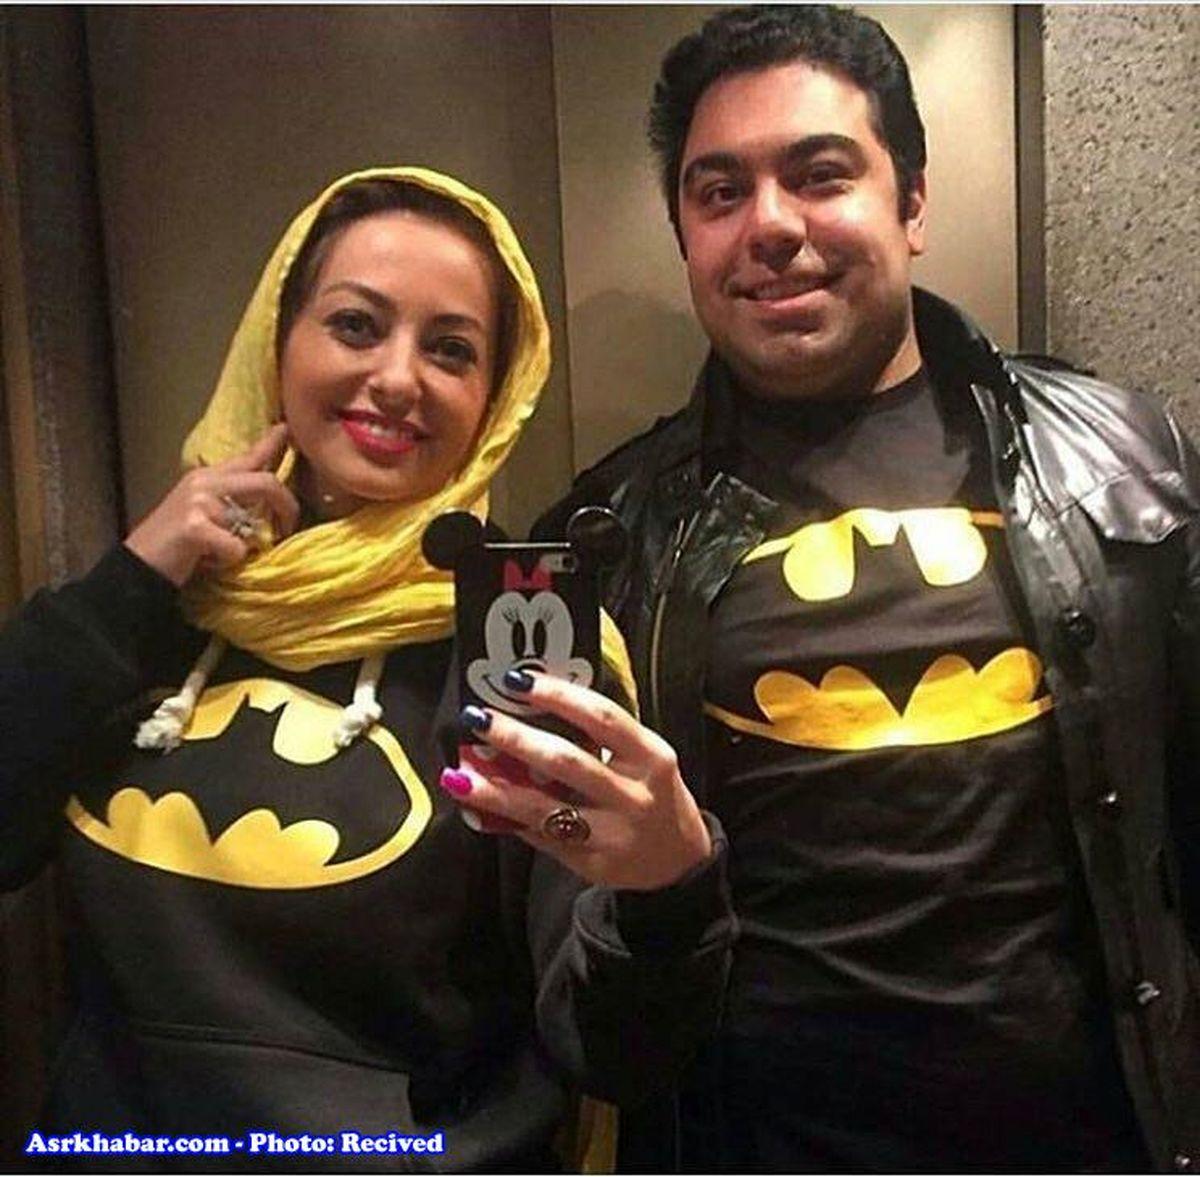 عکس: ست کردن جالب خانم بازیگر با همسرش